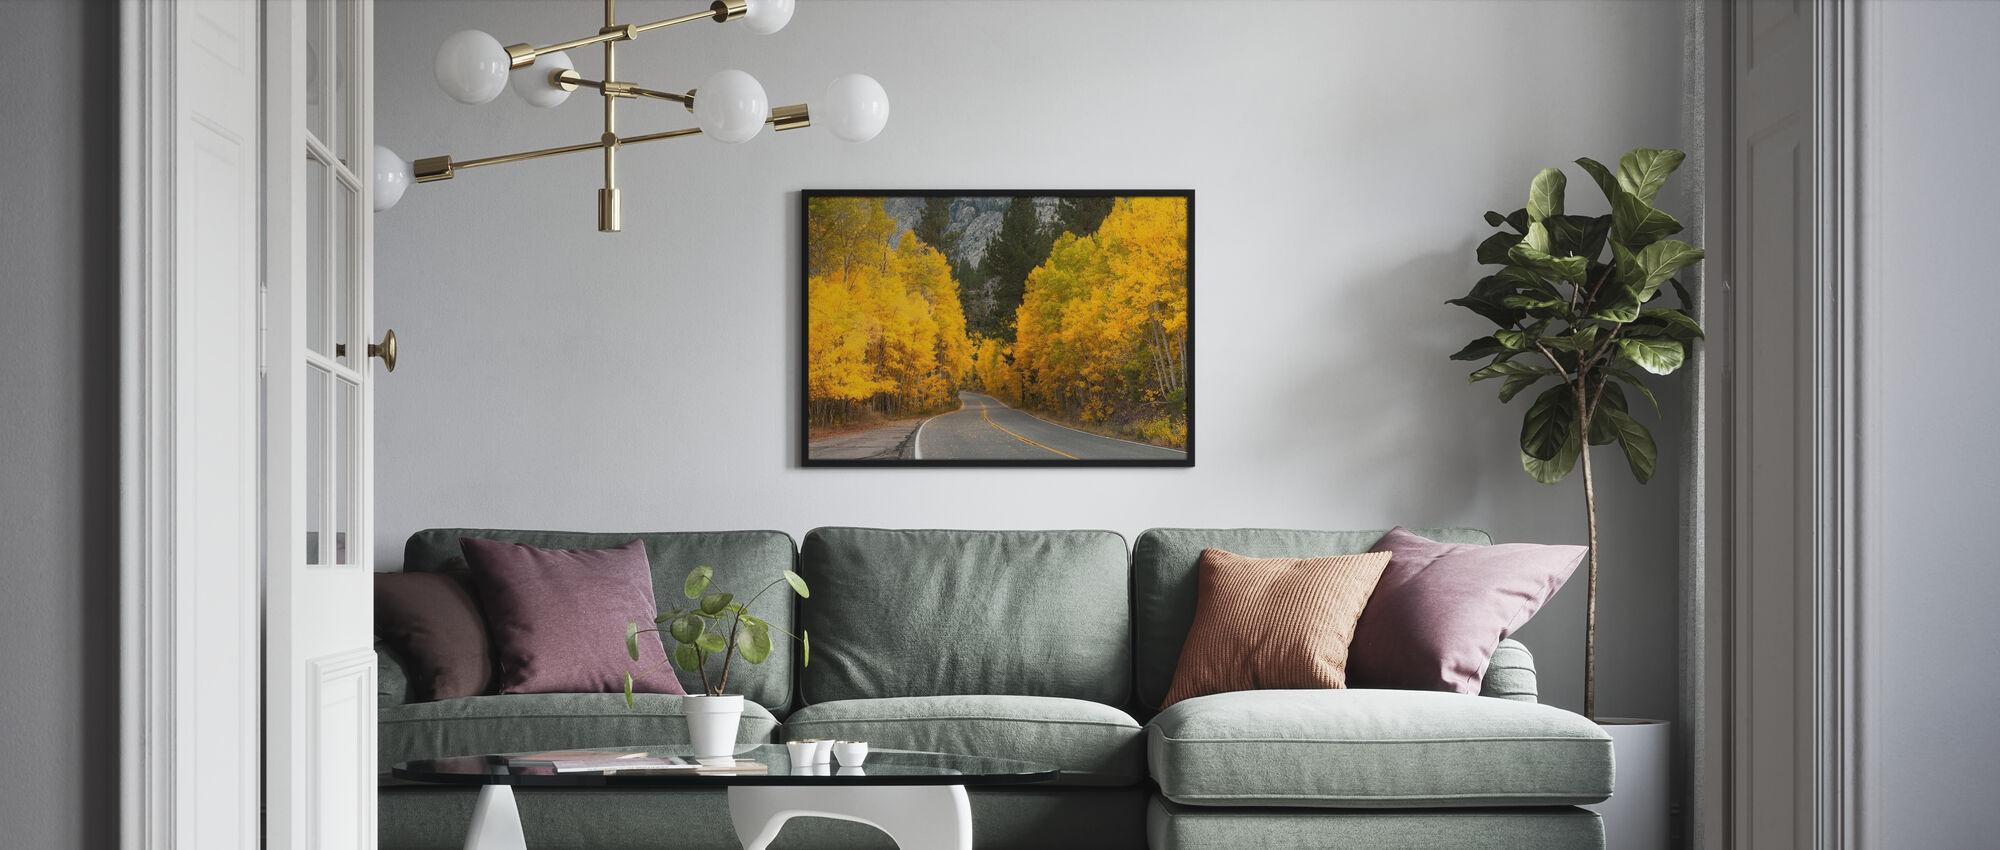 Eastern Sierra Autumn Landscape - Poster - Living Room